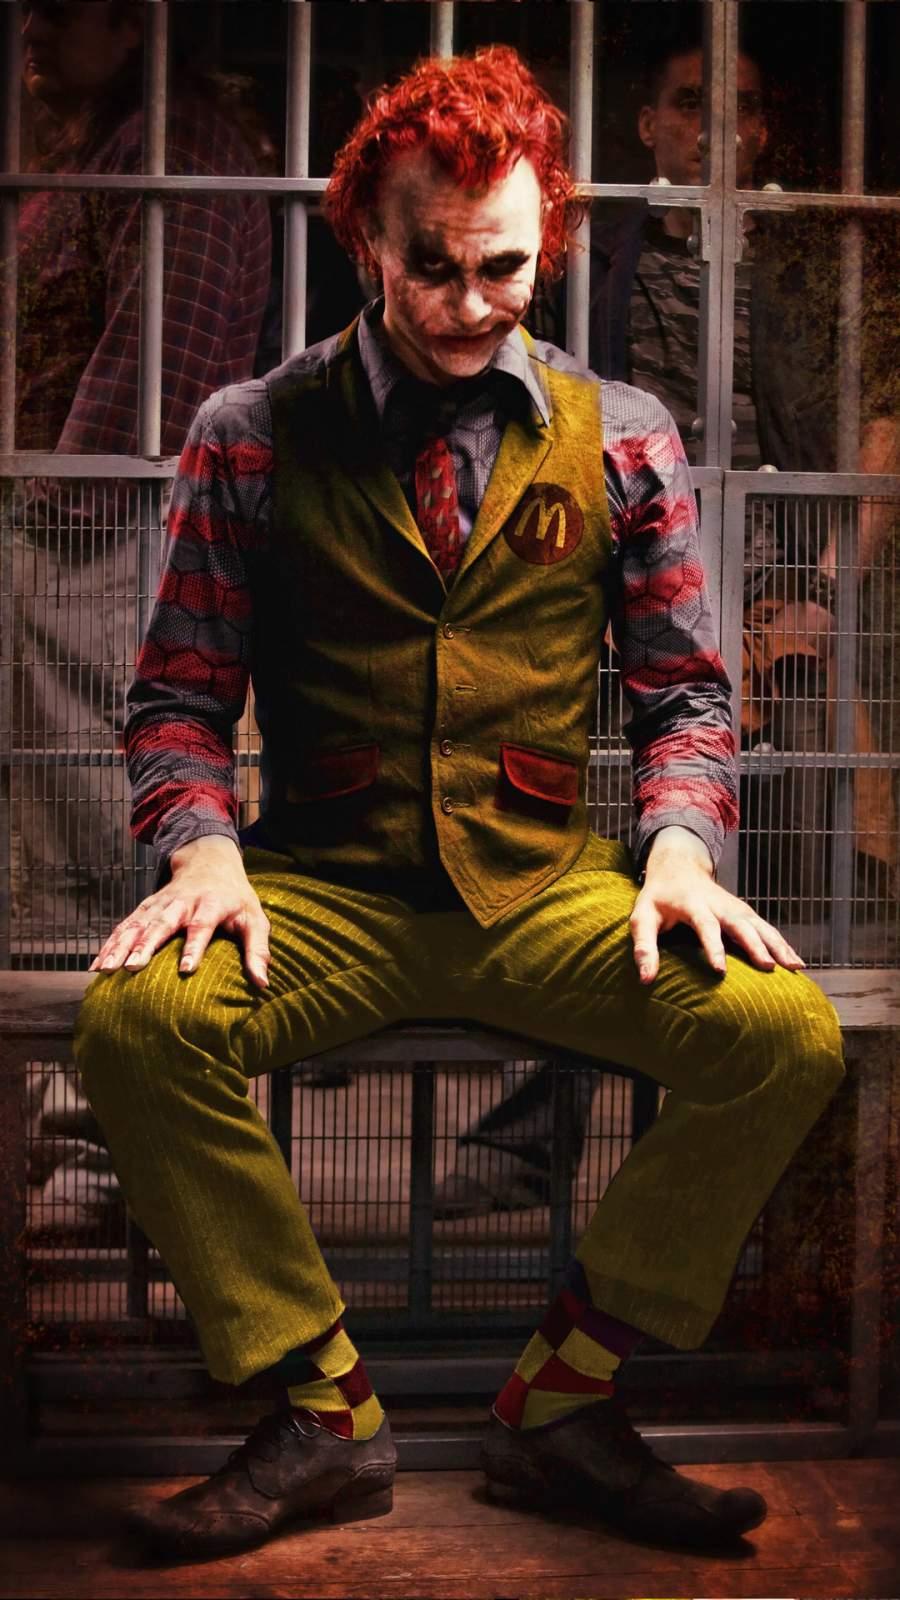 Dark Knight Joker Quotes Wallpaper Hd The Joker Mcdonald Iphone Wallpaper Iphone Wallpapers